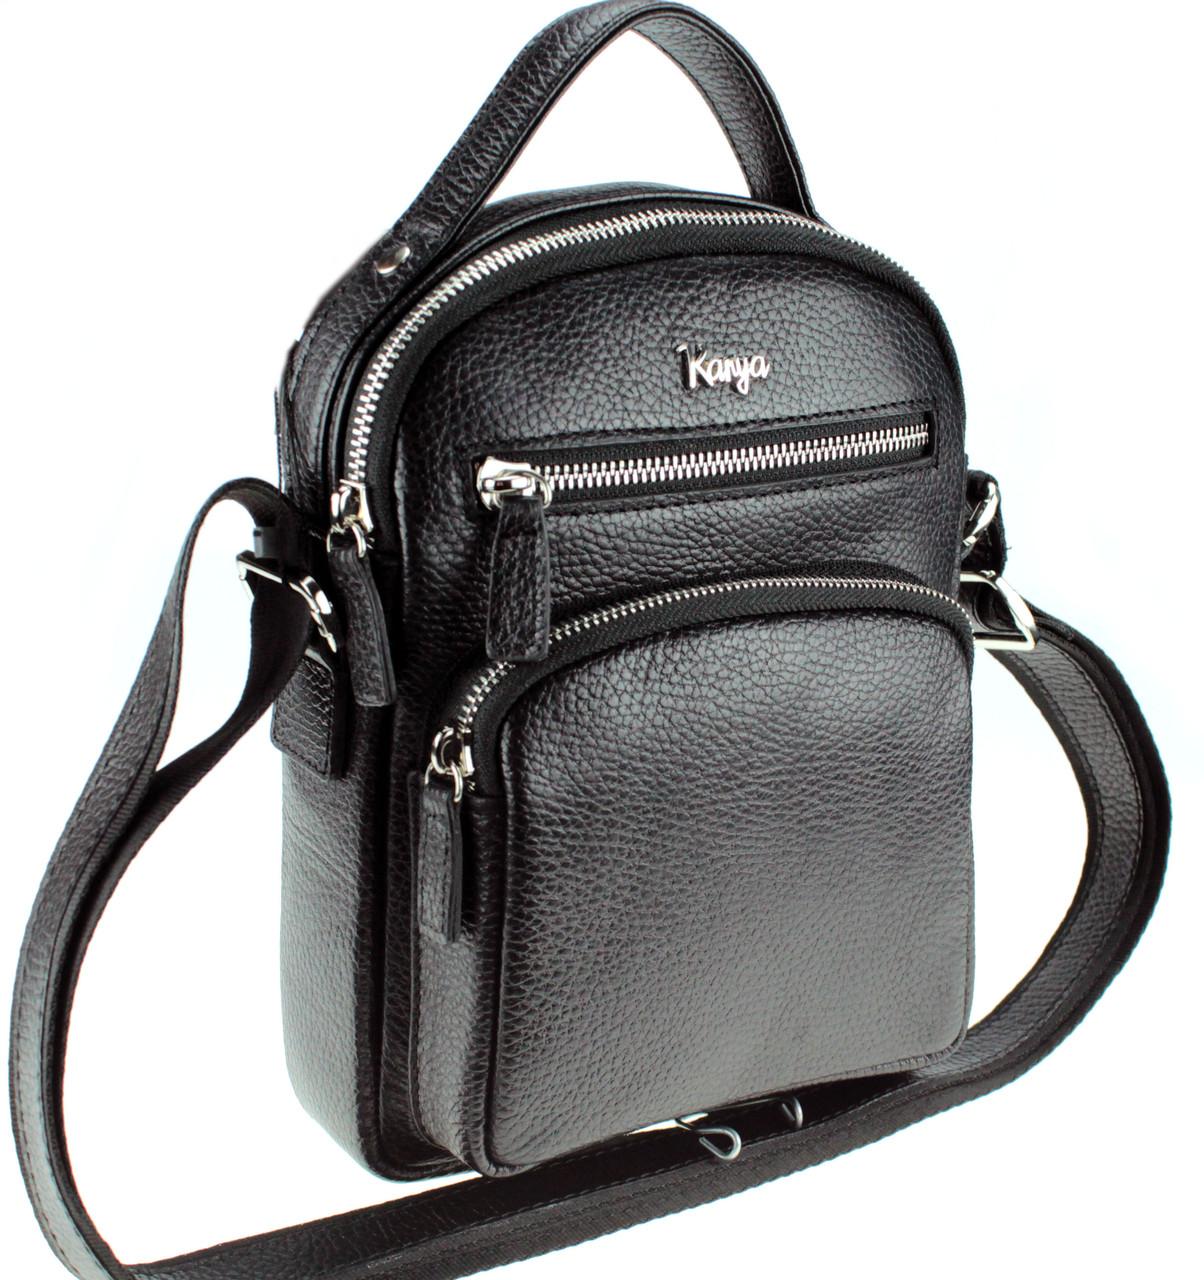 Мужская сумка Karya 0251-45 кожаная черная